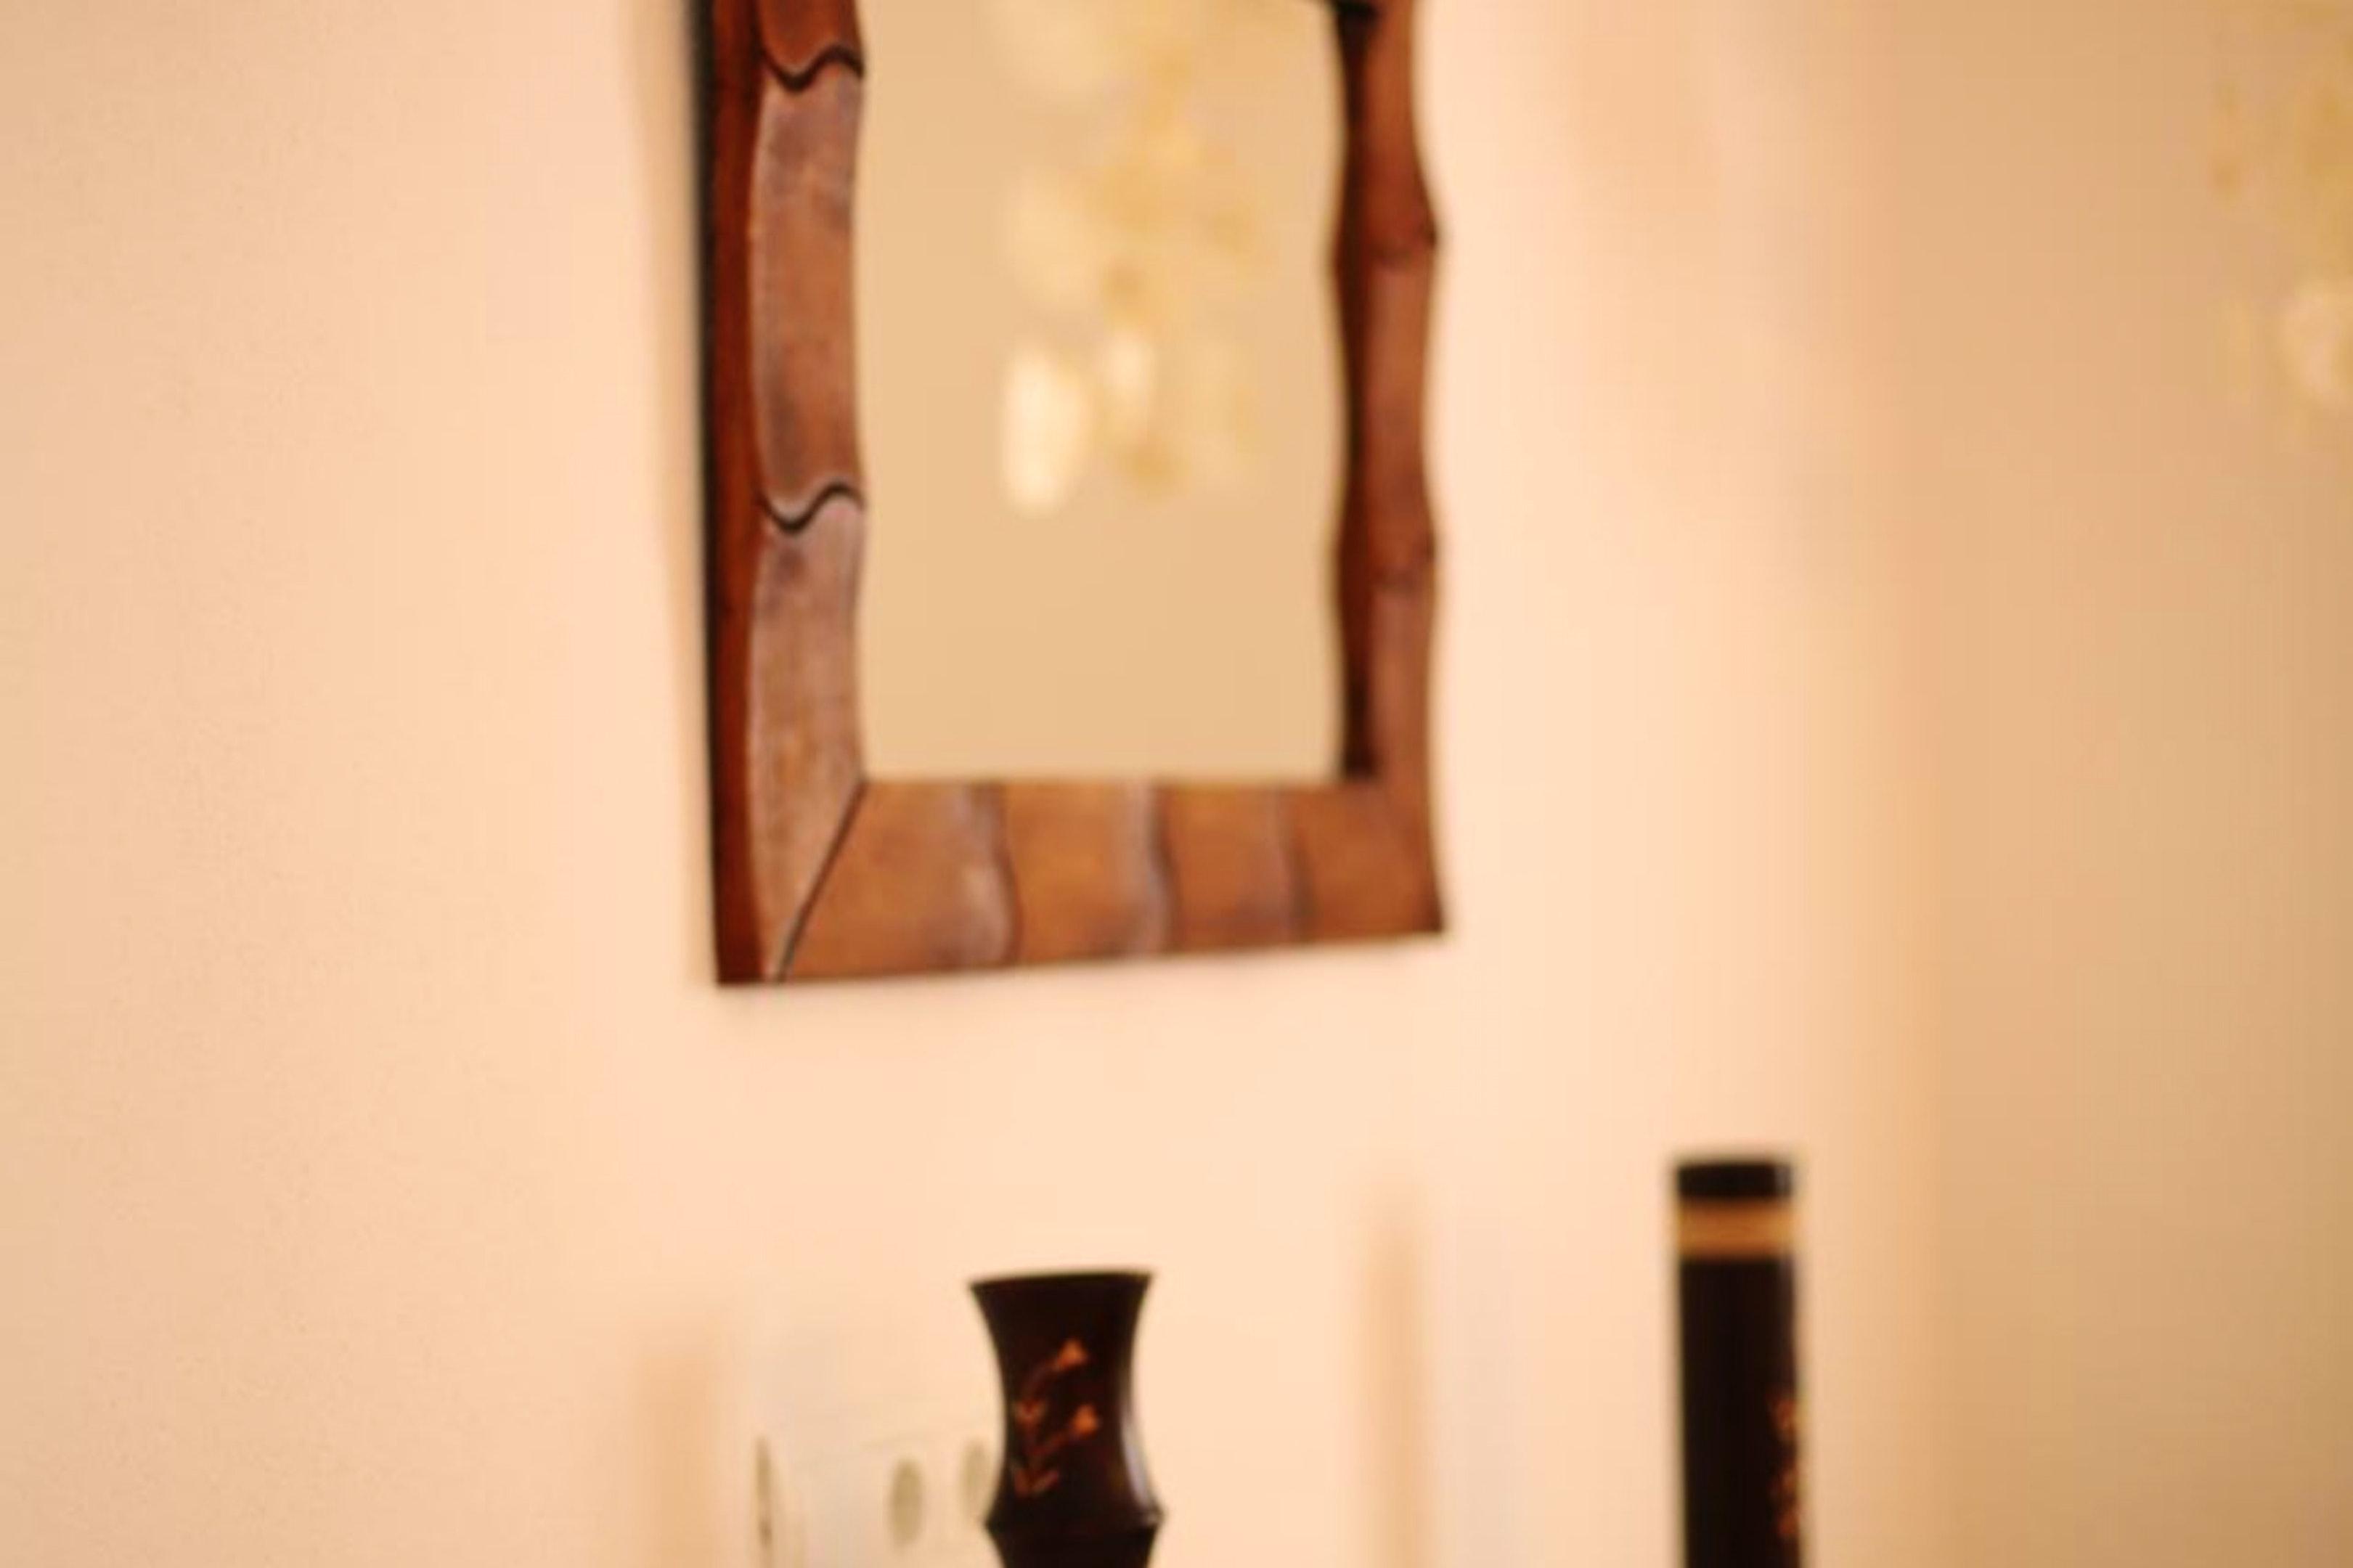 Maison de vacances Haus mit 4 Schlafzimmern in Sant Francesc Xavier mit Terrasse und W-LAN (2700592), San Francisco Javier, Formentera, Iles Baléares, Espagne, image 40